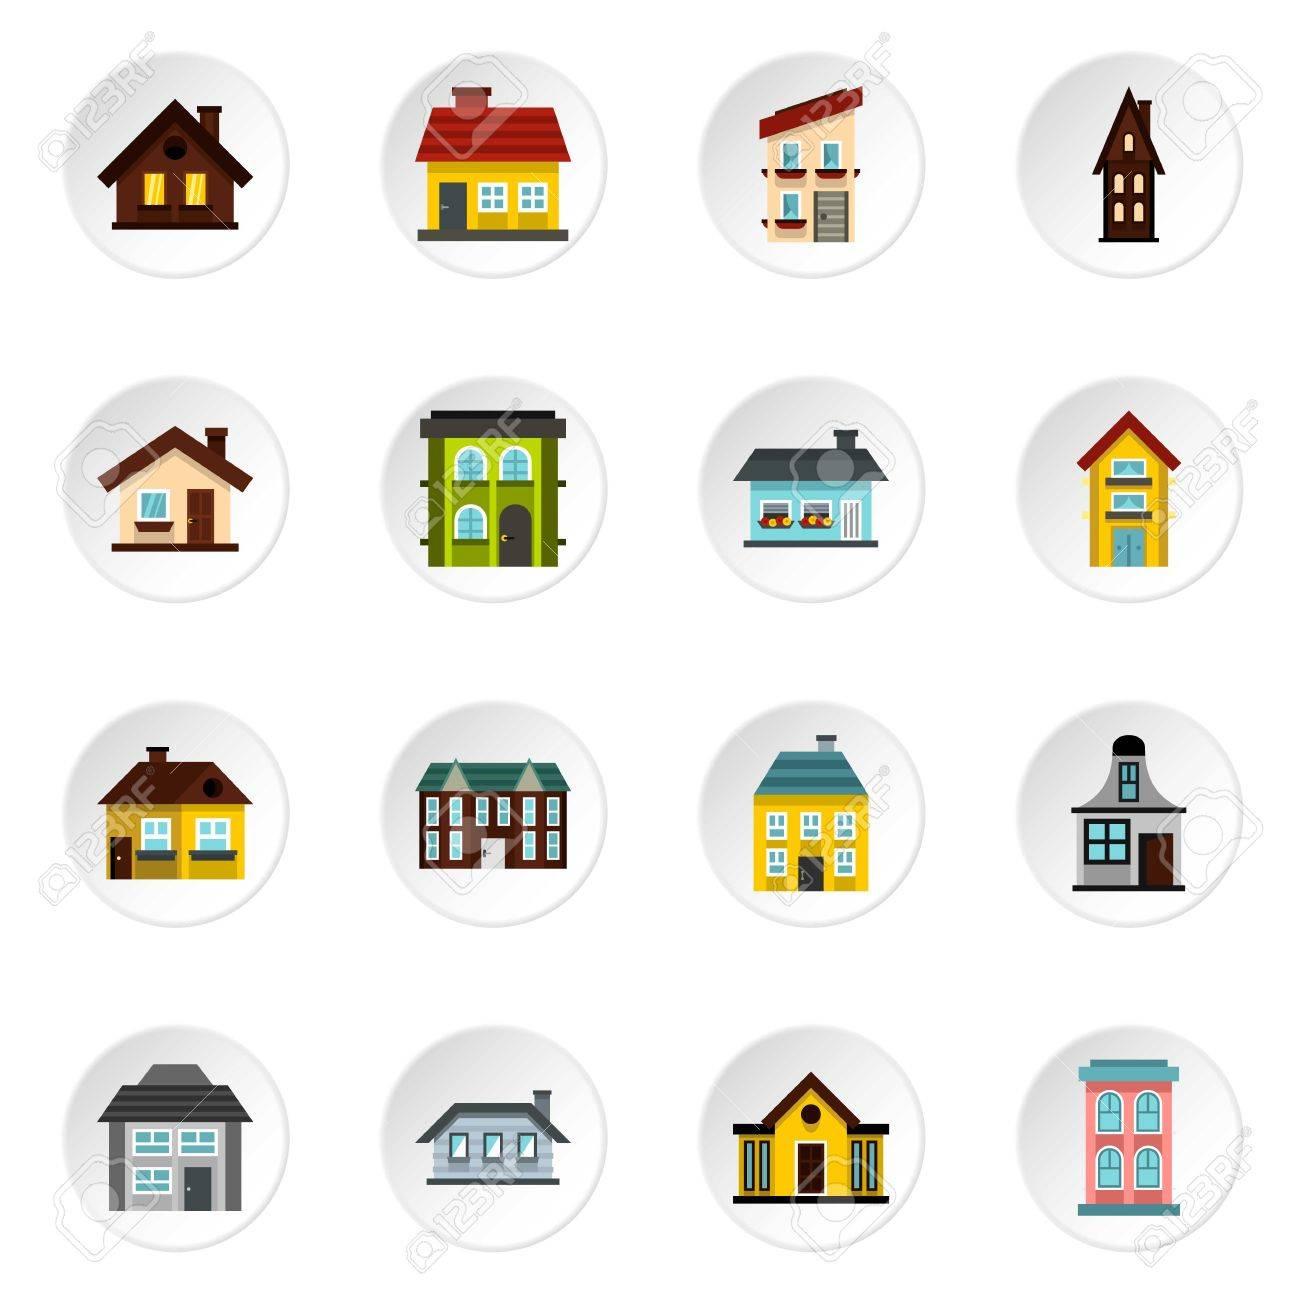 49c92ef020947 Foto de archivo - Iconos de las casas. Ilustración plana de 16 iconos casa  de vectores para la web